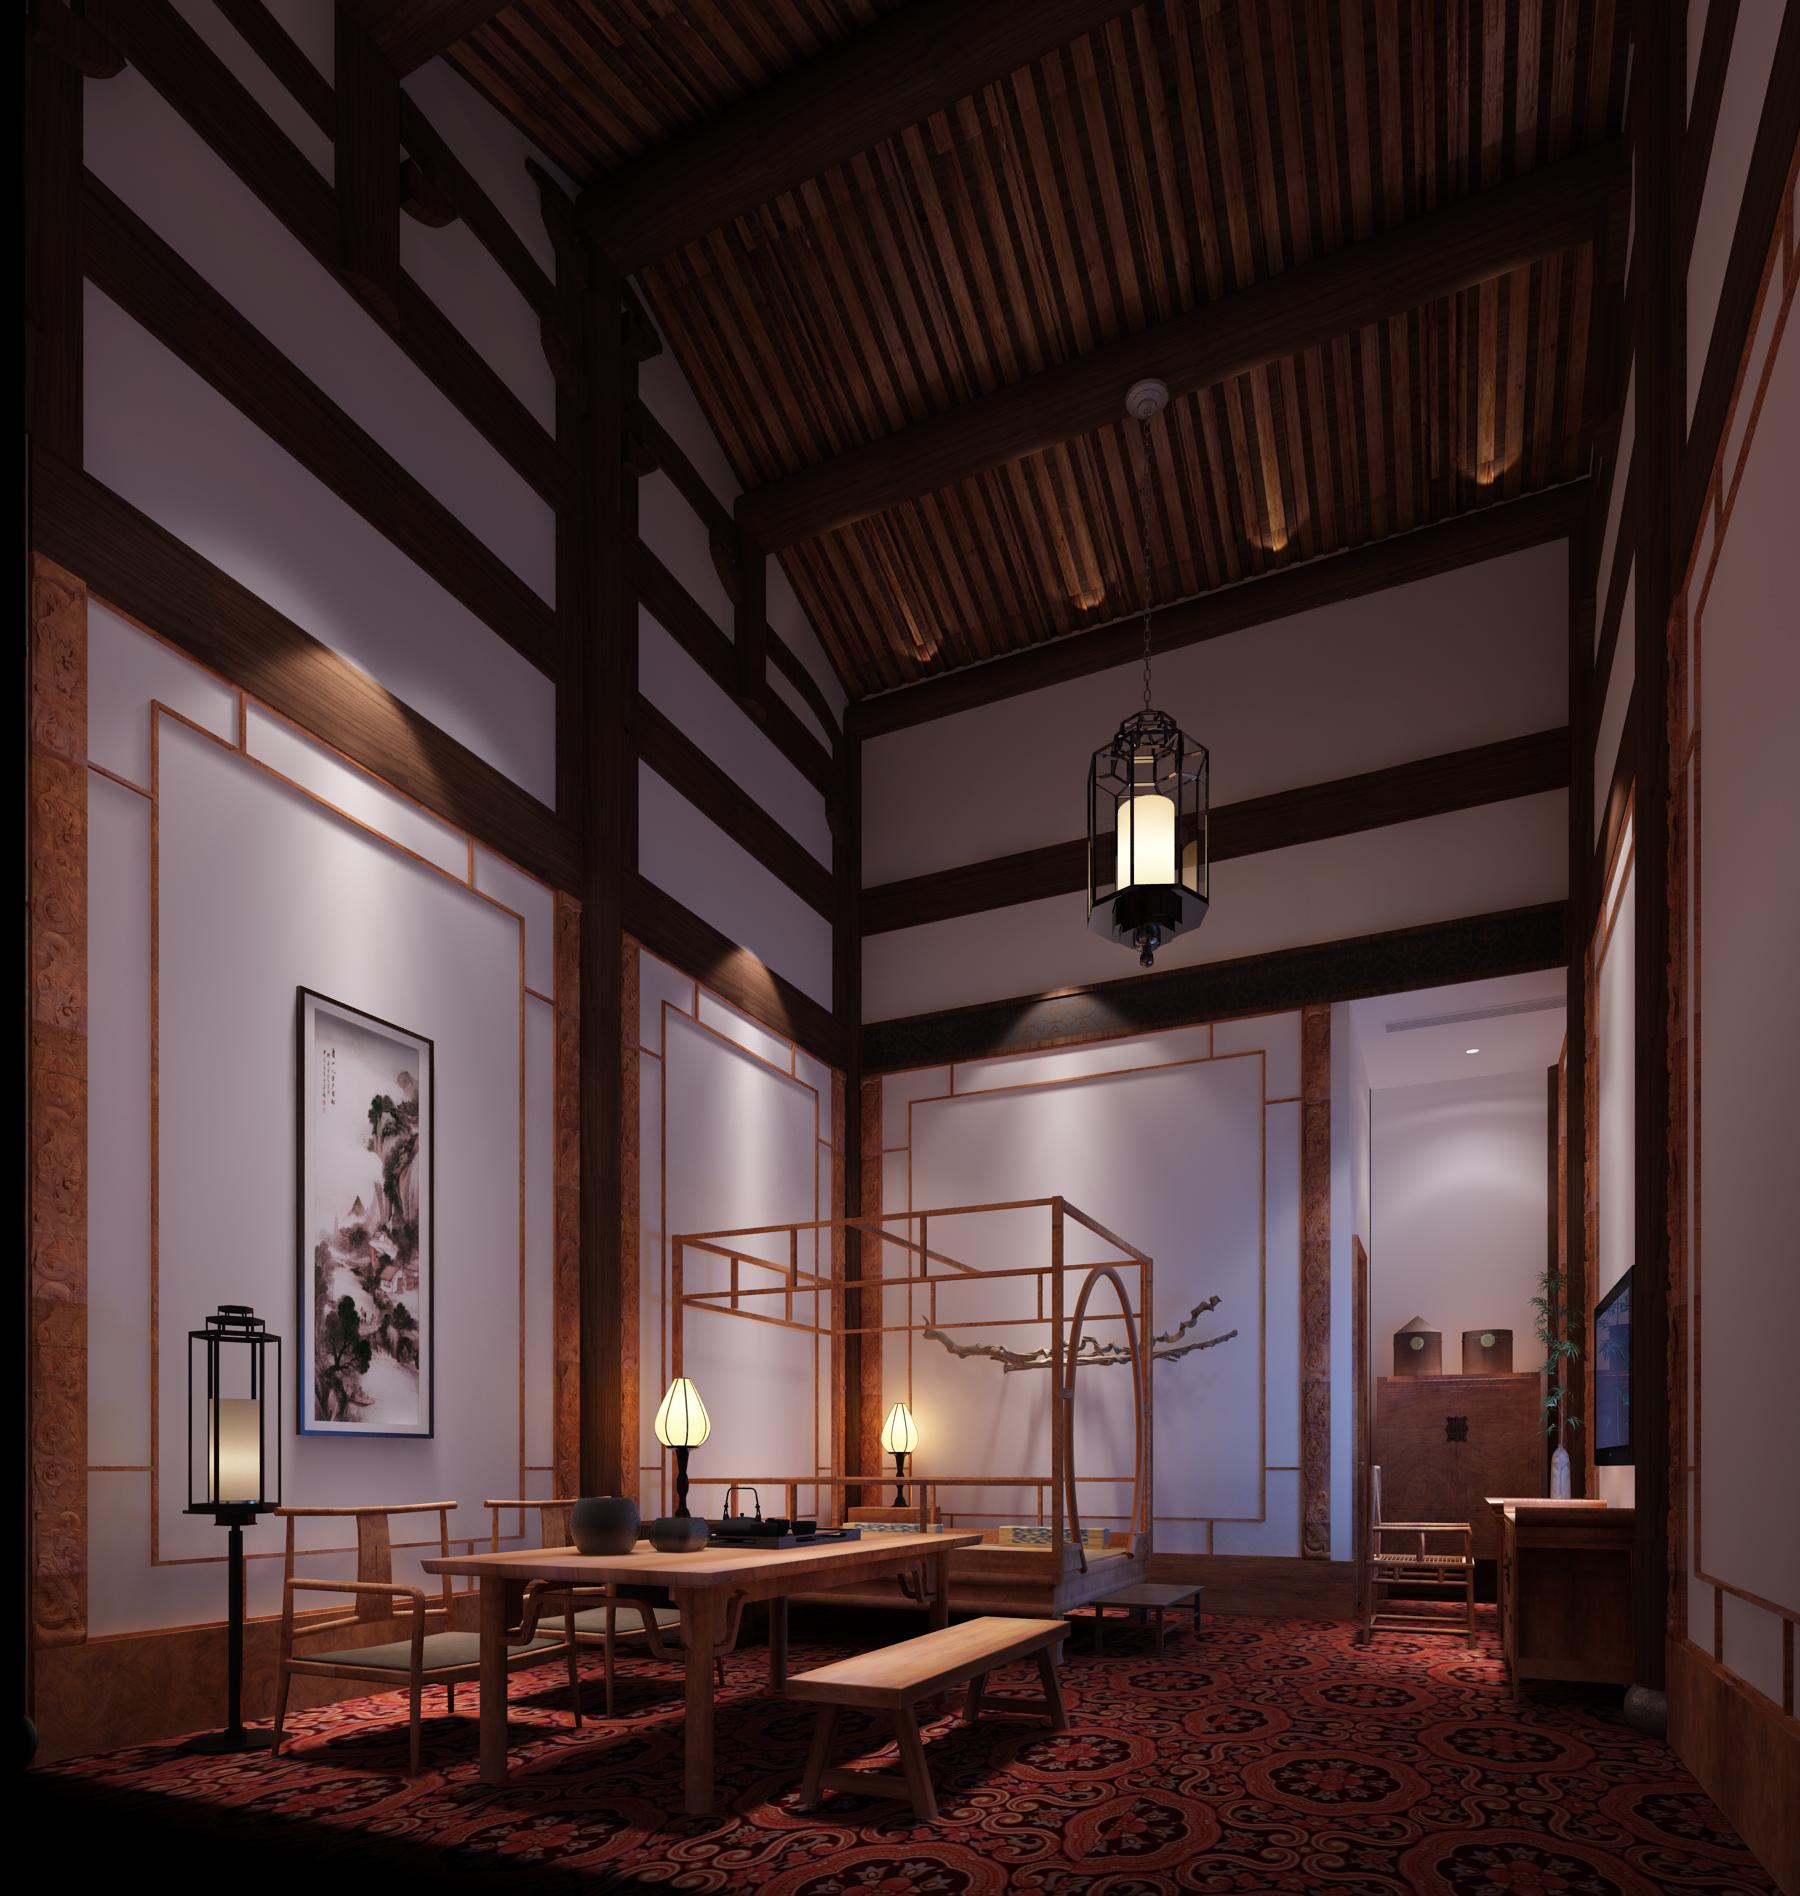 工装公司是这样装修酒店餐厅的酒店装修效果图_明代风格